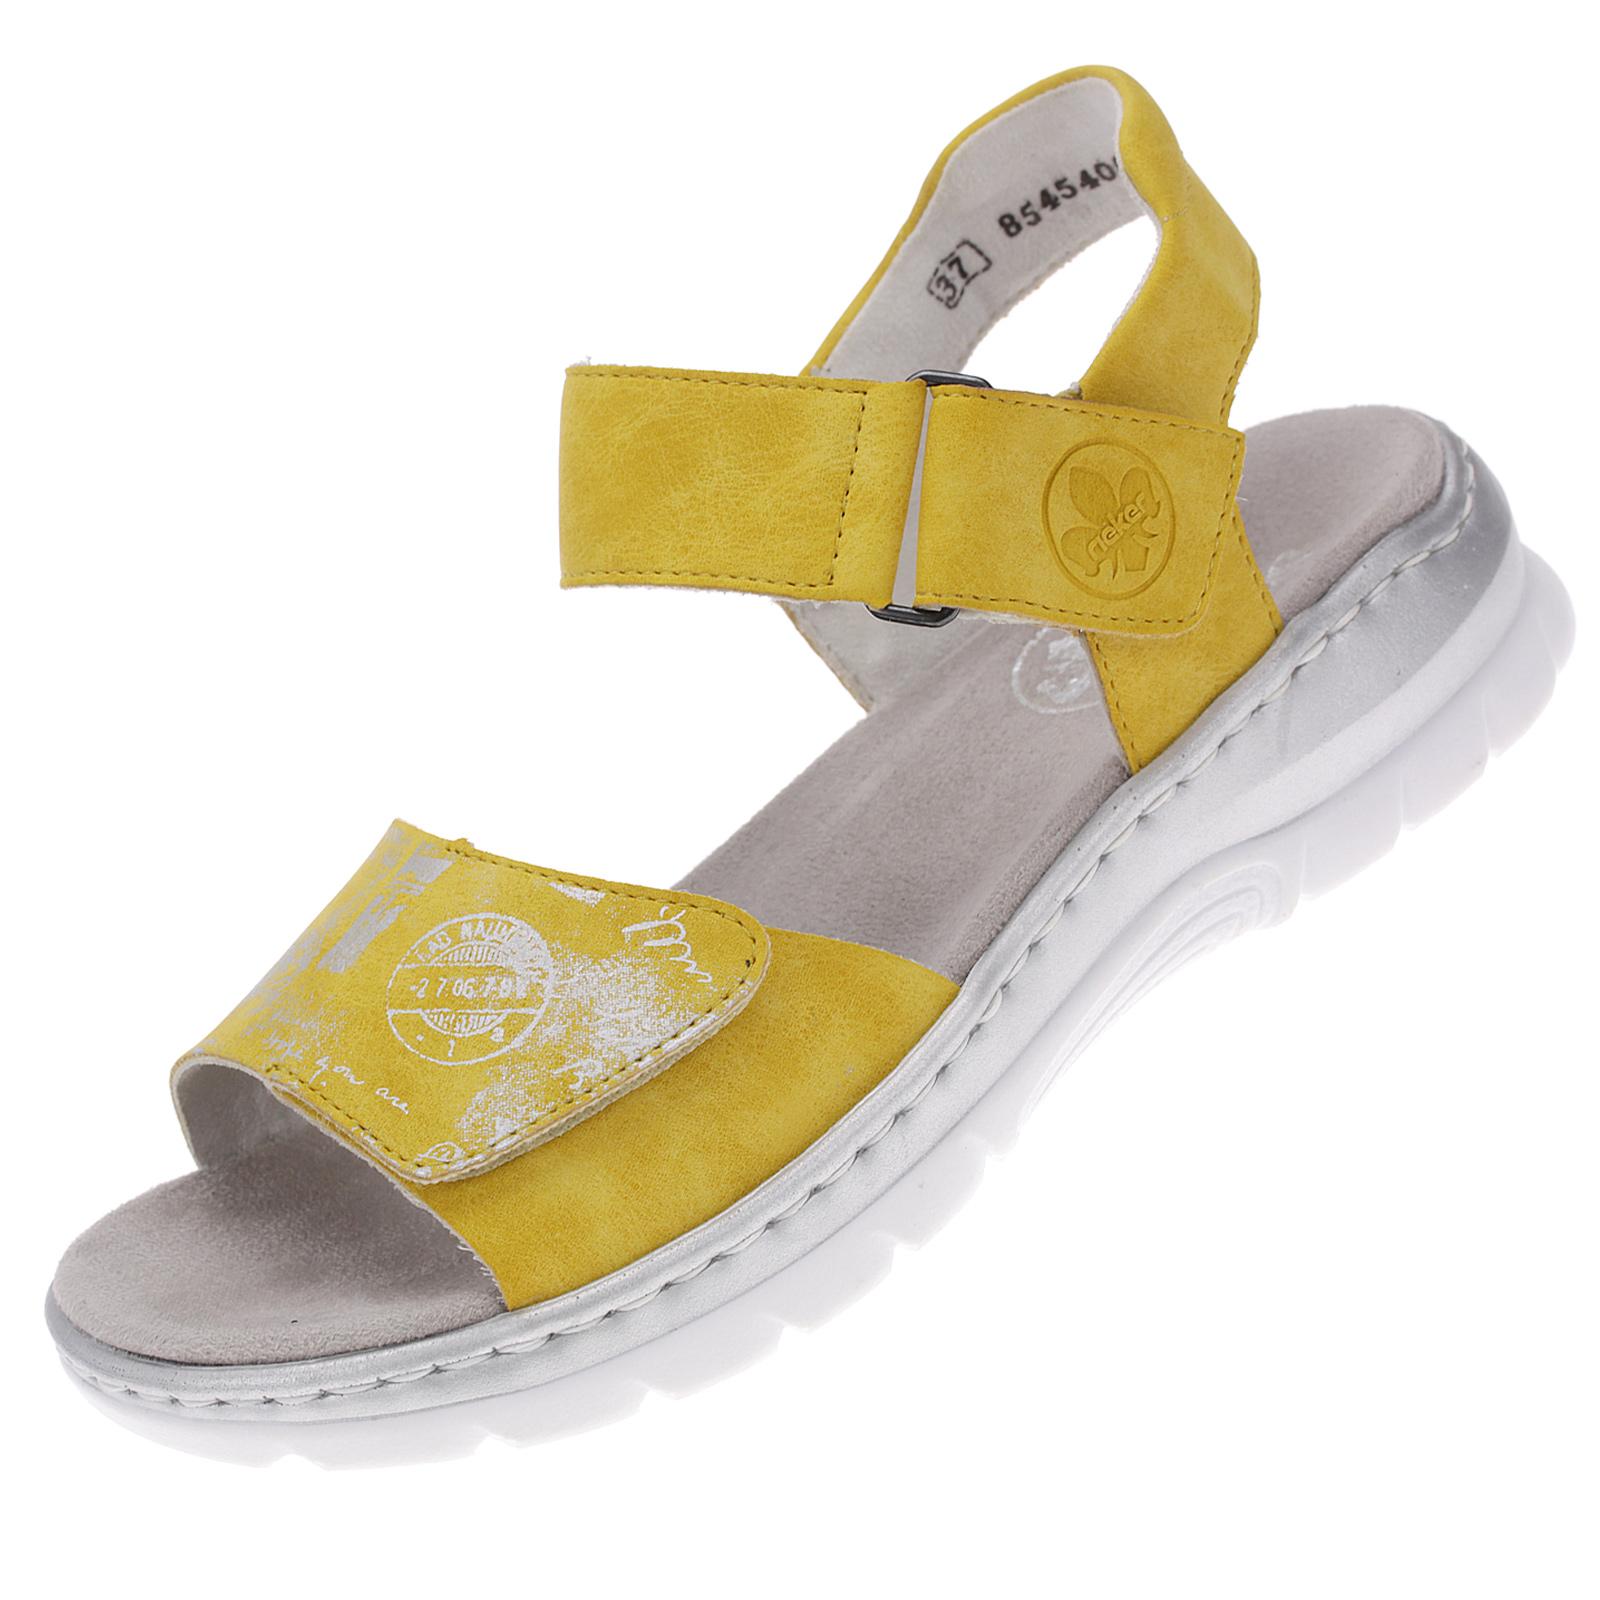 Rieker Damen Sandalen Sommerschuhe Trekking Freizeit Sandalette Gelb